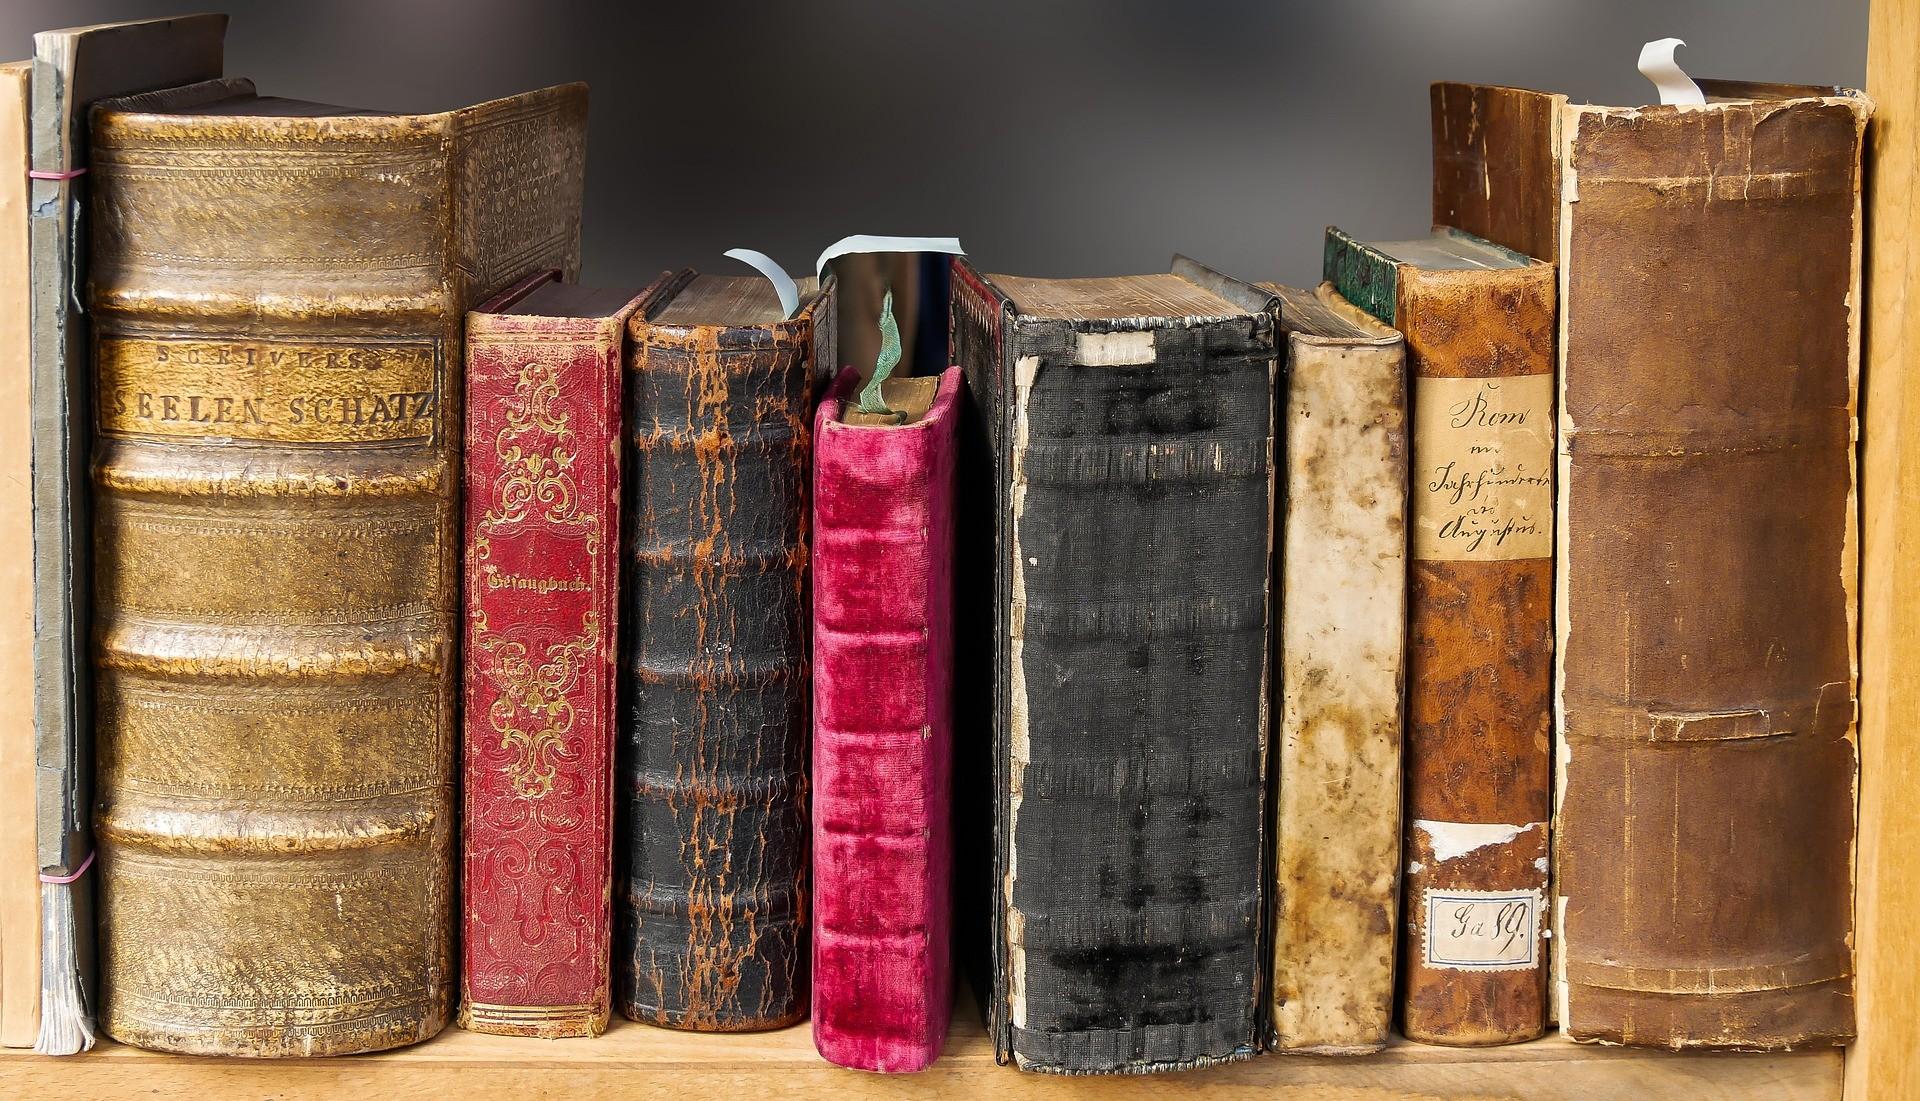 ▲書,舊書,翻頁(圖/取自免費圖庫Pixabay)